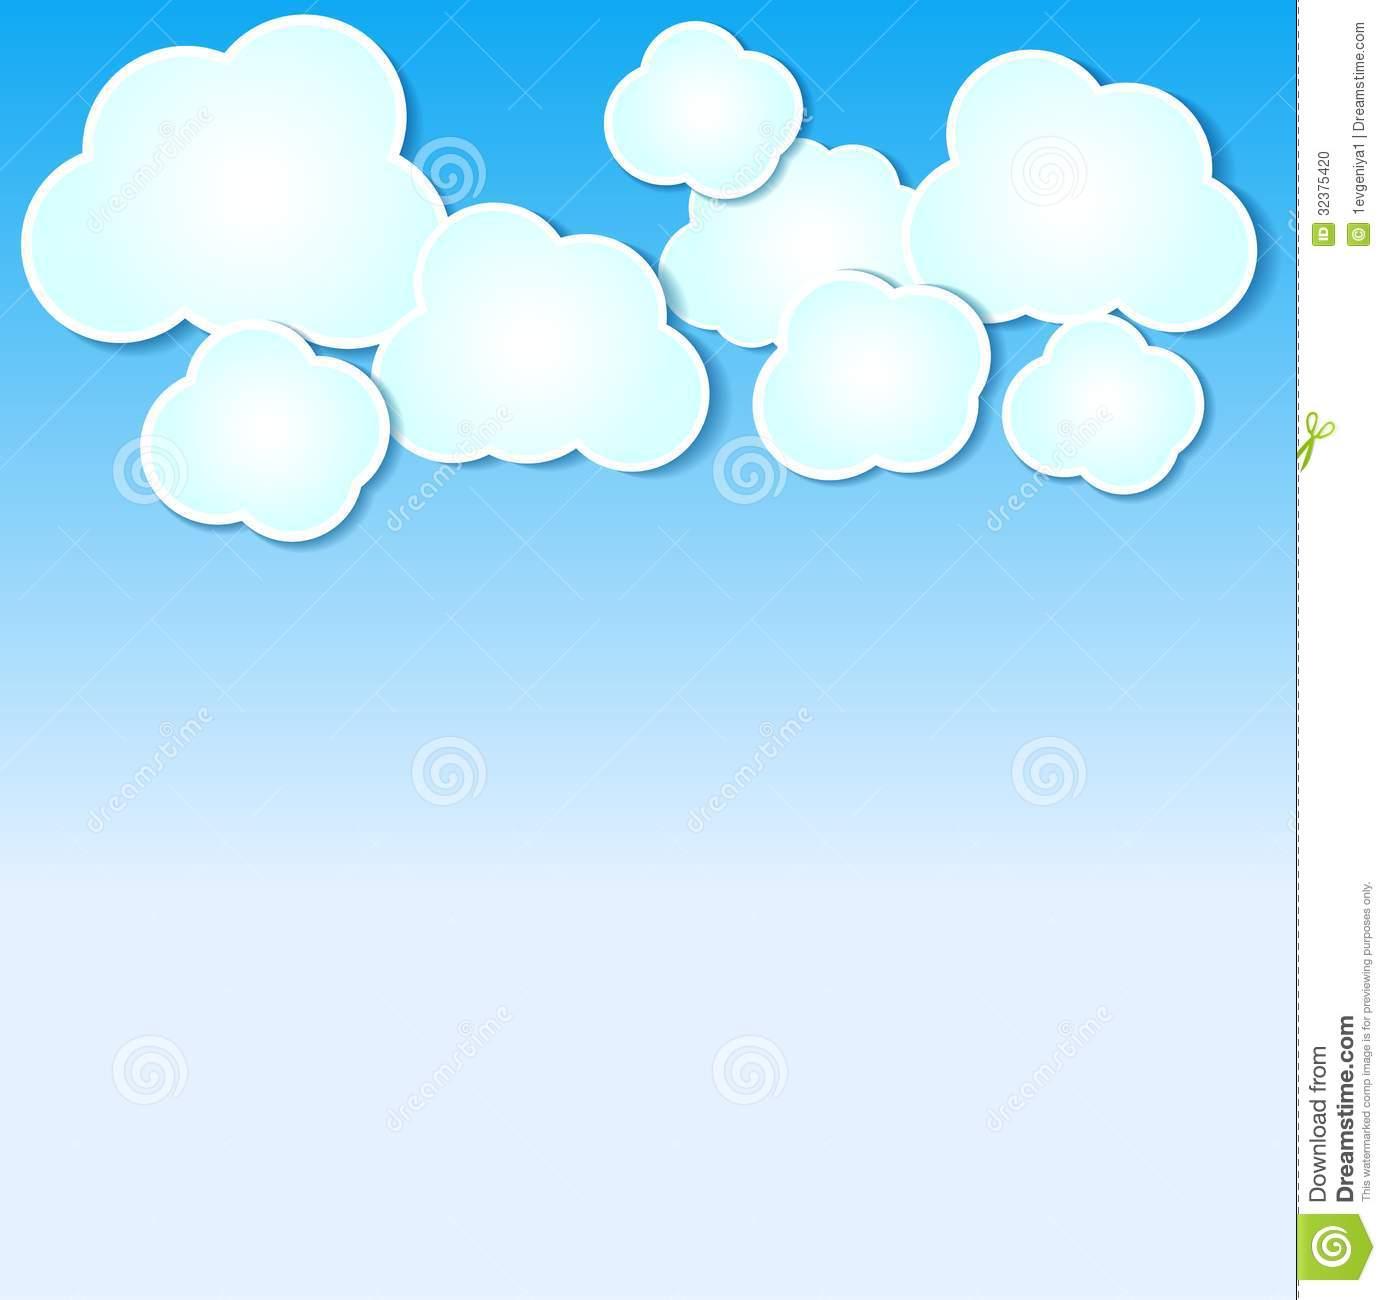 cloud wallpaper clip art - photo #9